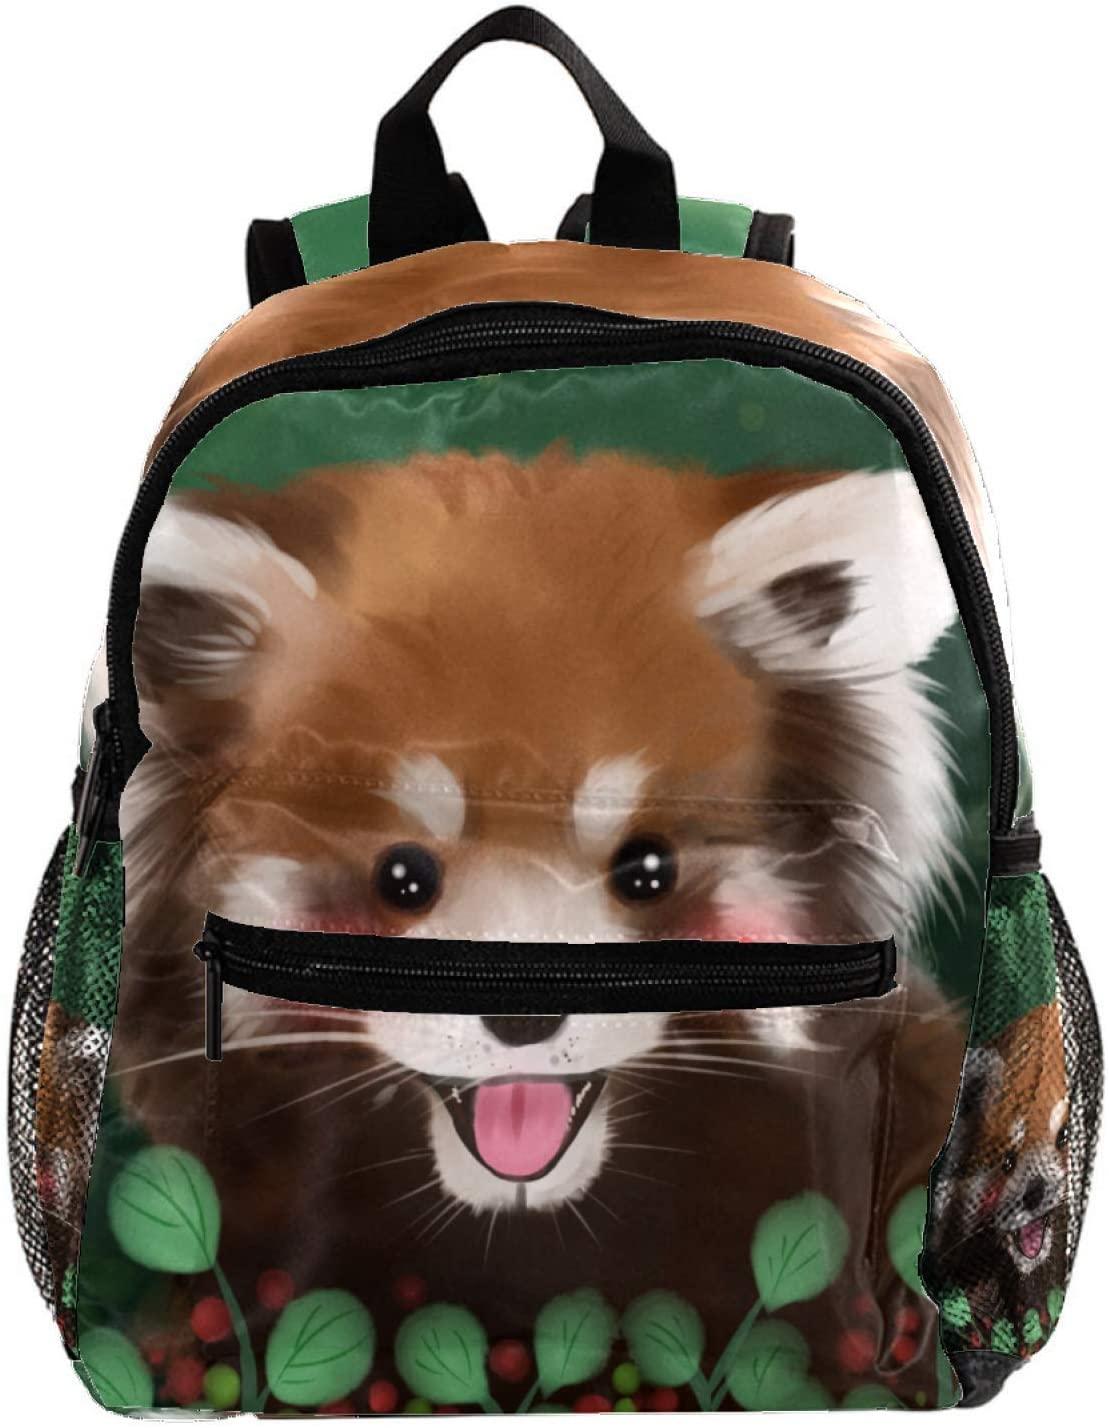 School Backpack Cute Pet Animal Panda Toddler Backpack Kids Schoolbag